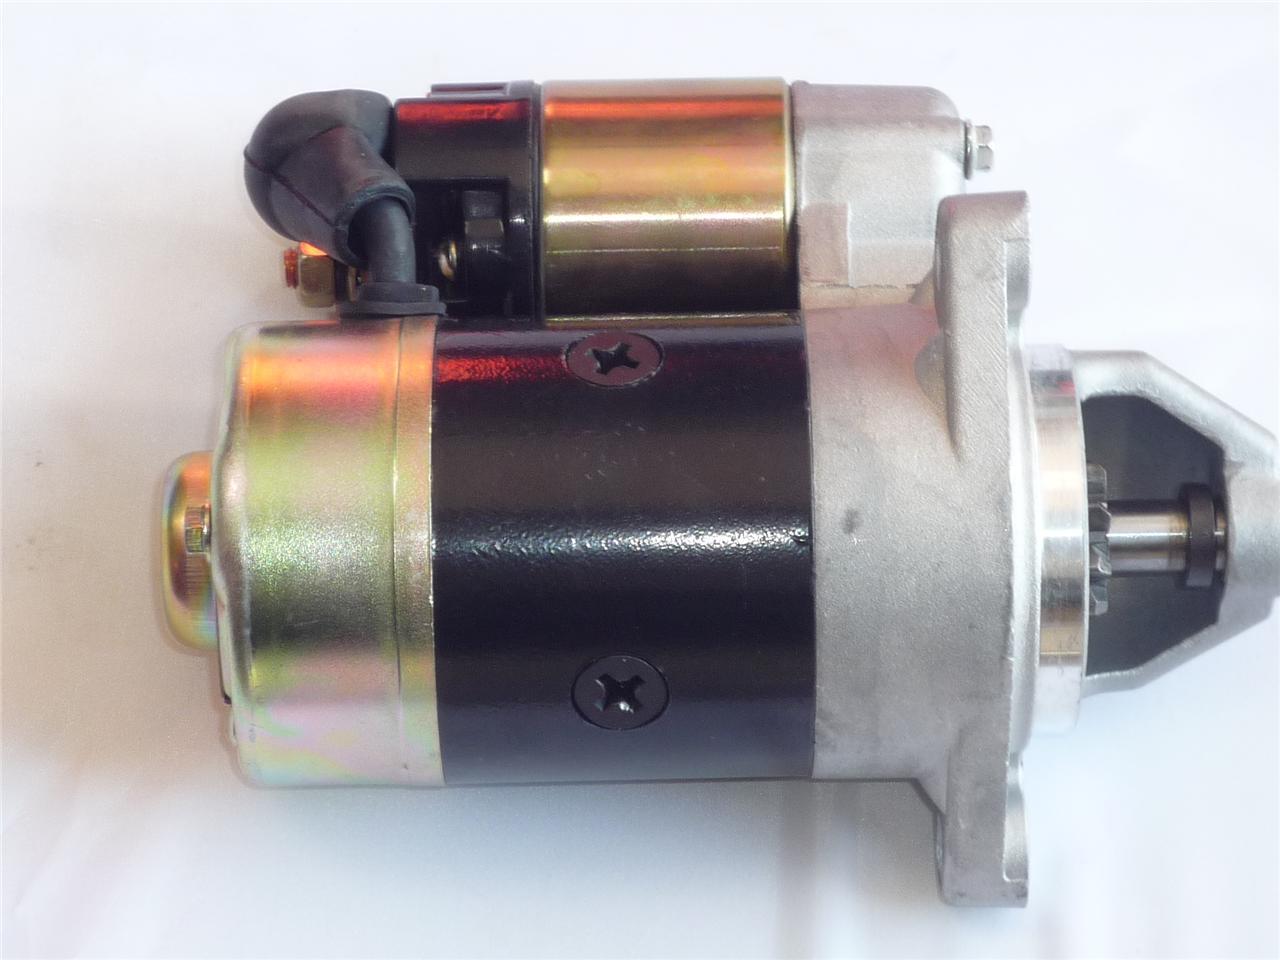 Kipor 6700t diesel Generator manual